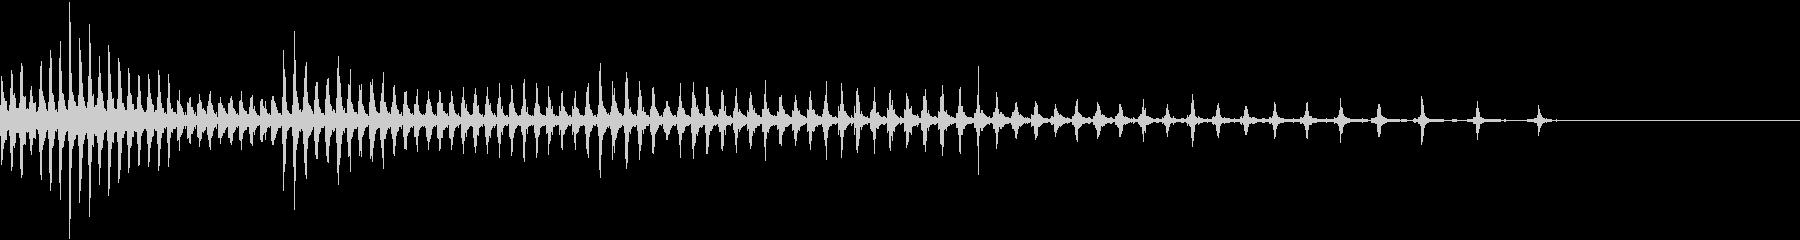 点火エンジン-の未再生の波形